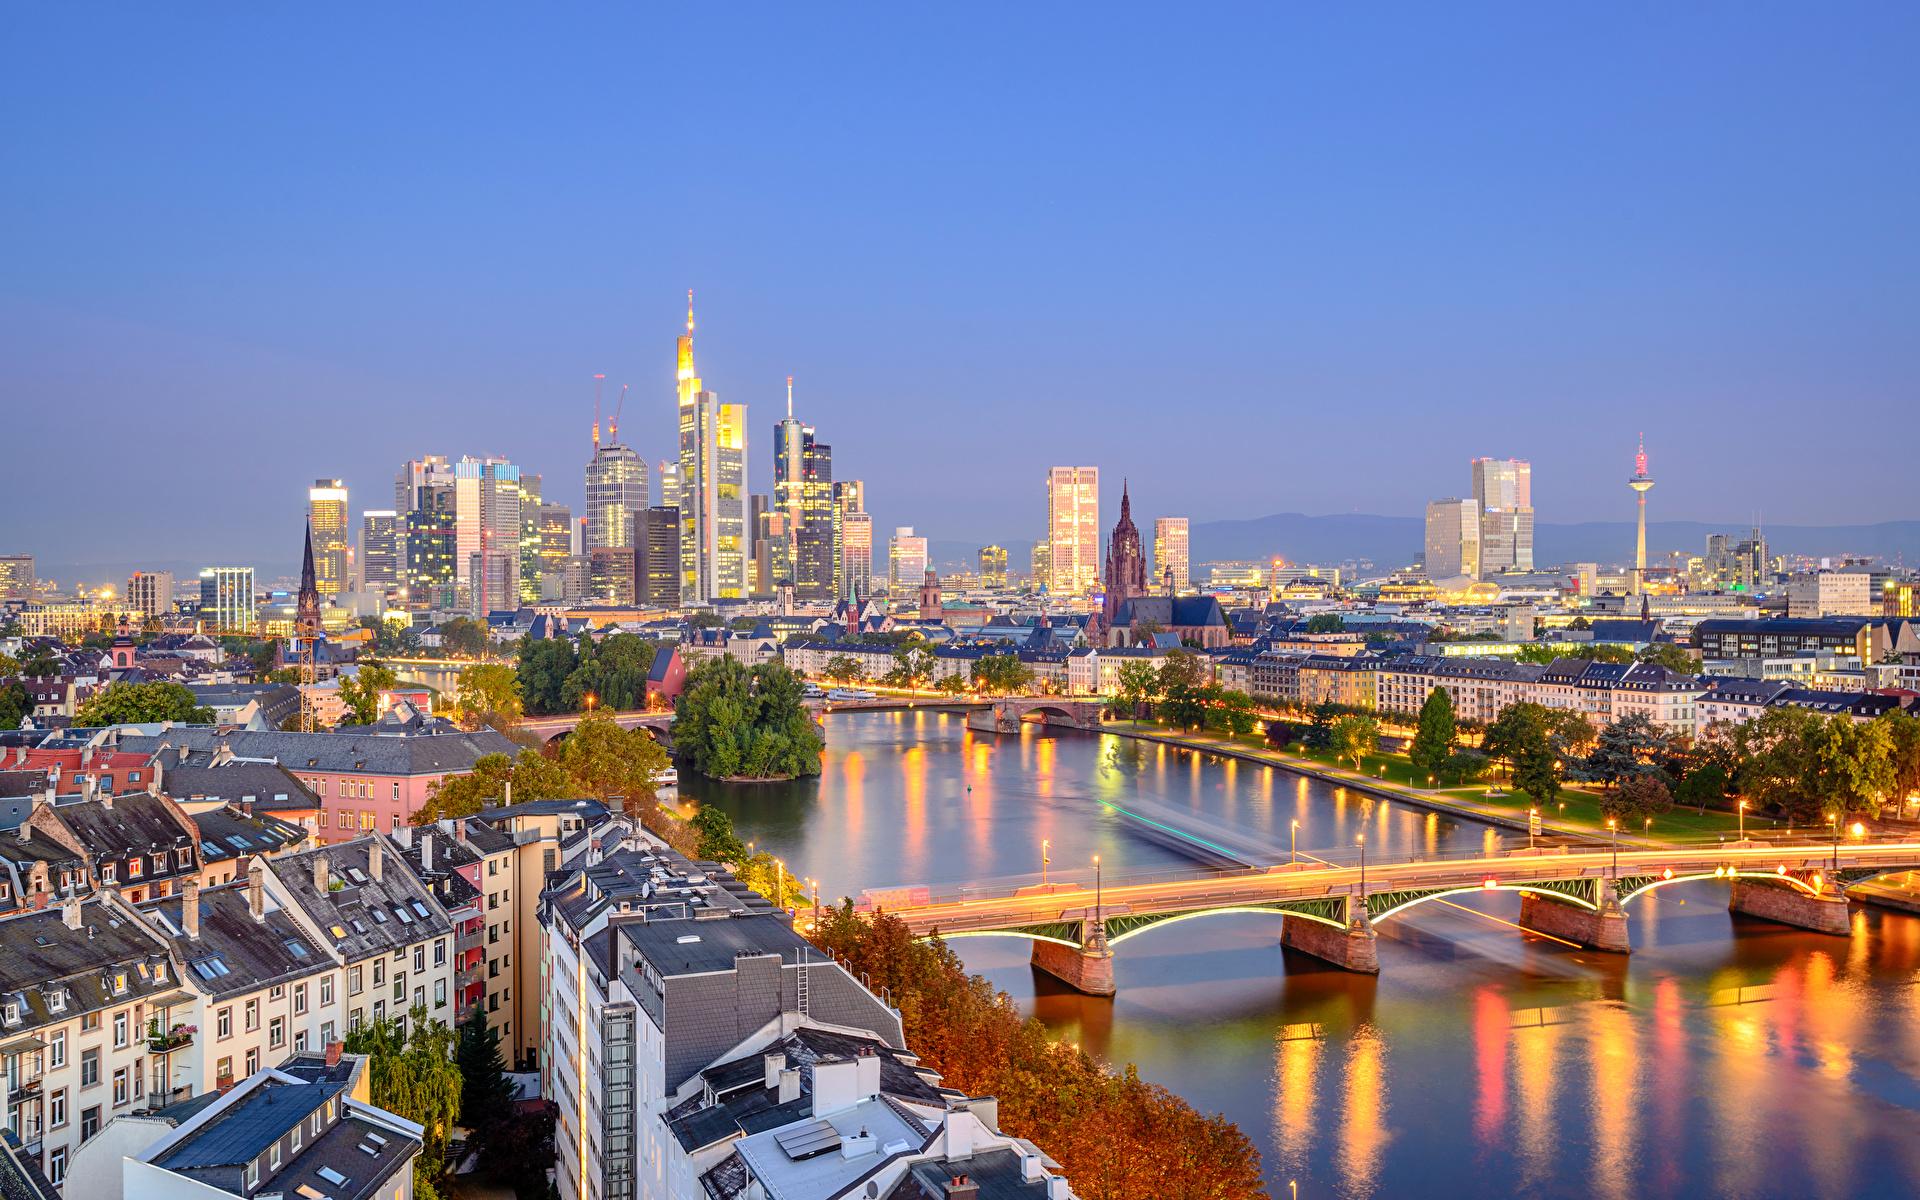 страны архитектура вечер город Франкфурт-на-Майне Германия  № 155561  скачать